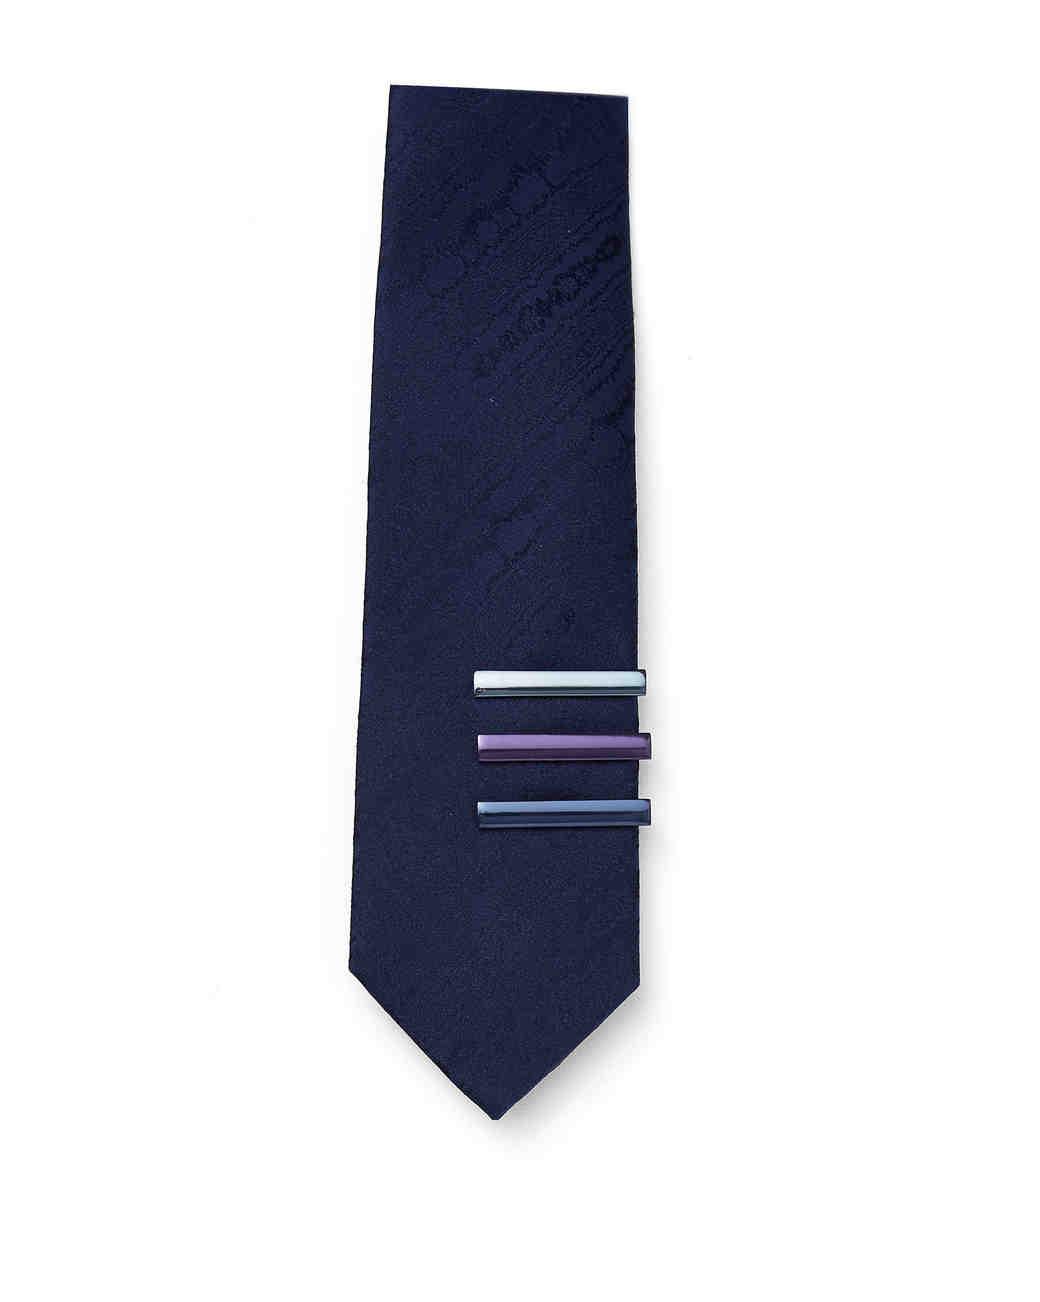 tie bar metallic tie clips